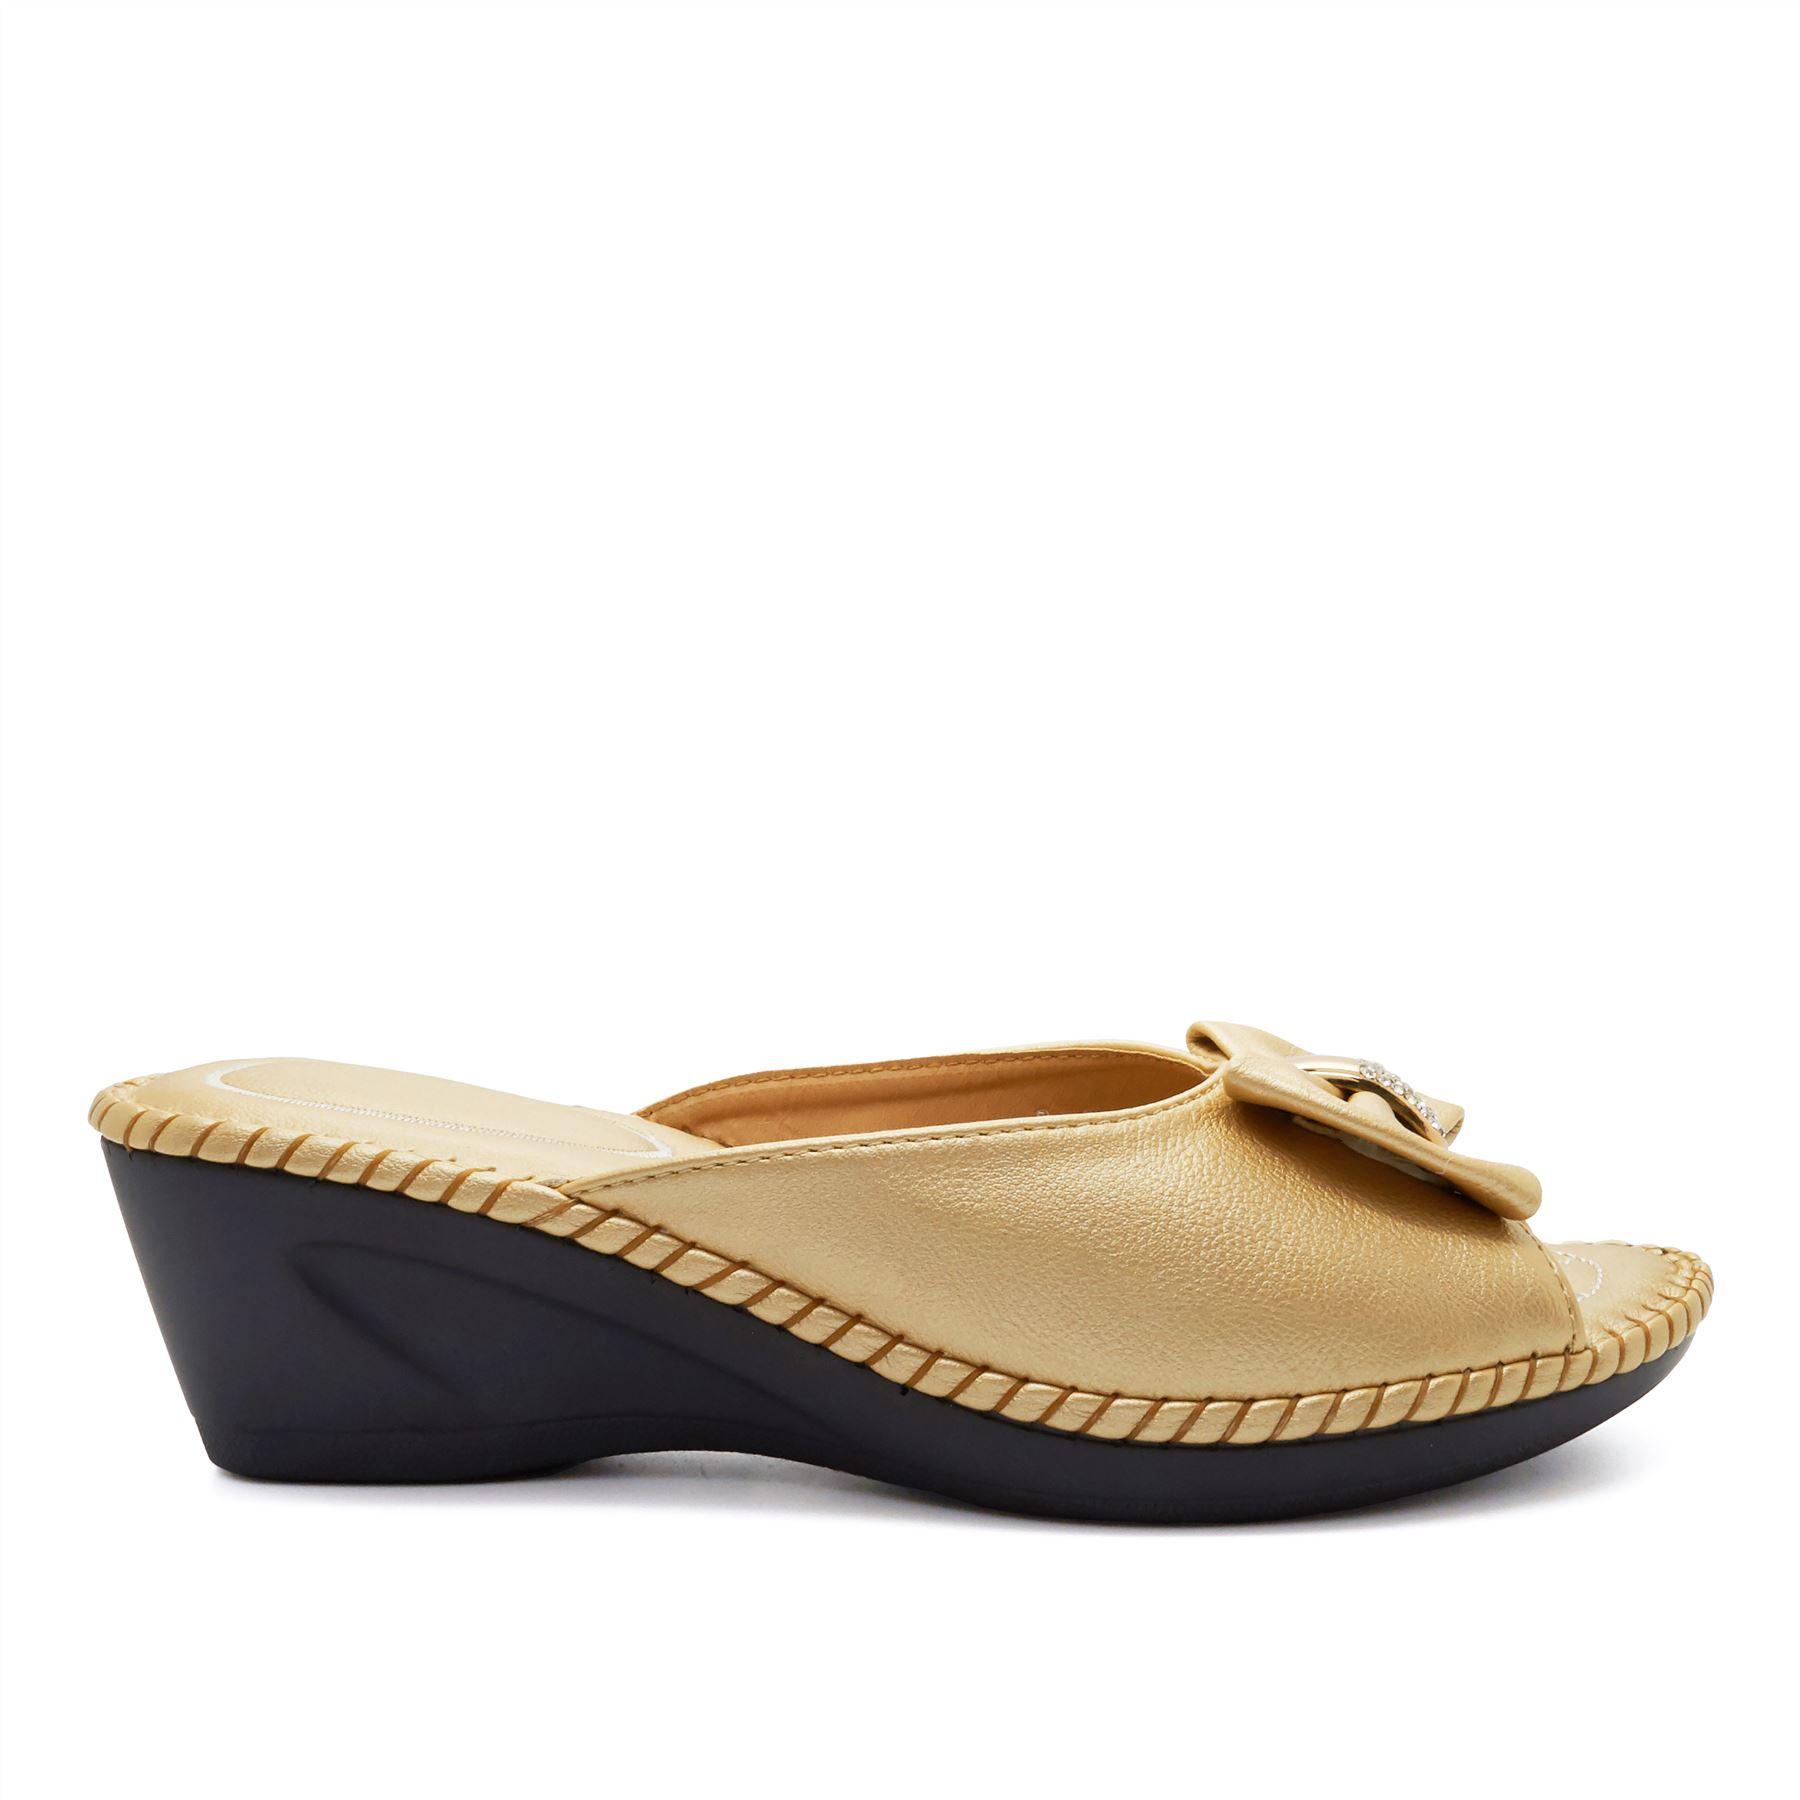 Nuevo Damas Tacón Bajo Cuña Diamante Mula Sandalias zapatos para mujer Slip On Size UK 3-8